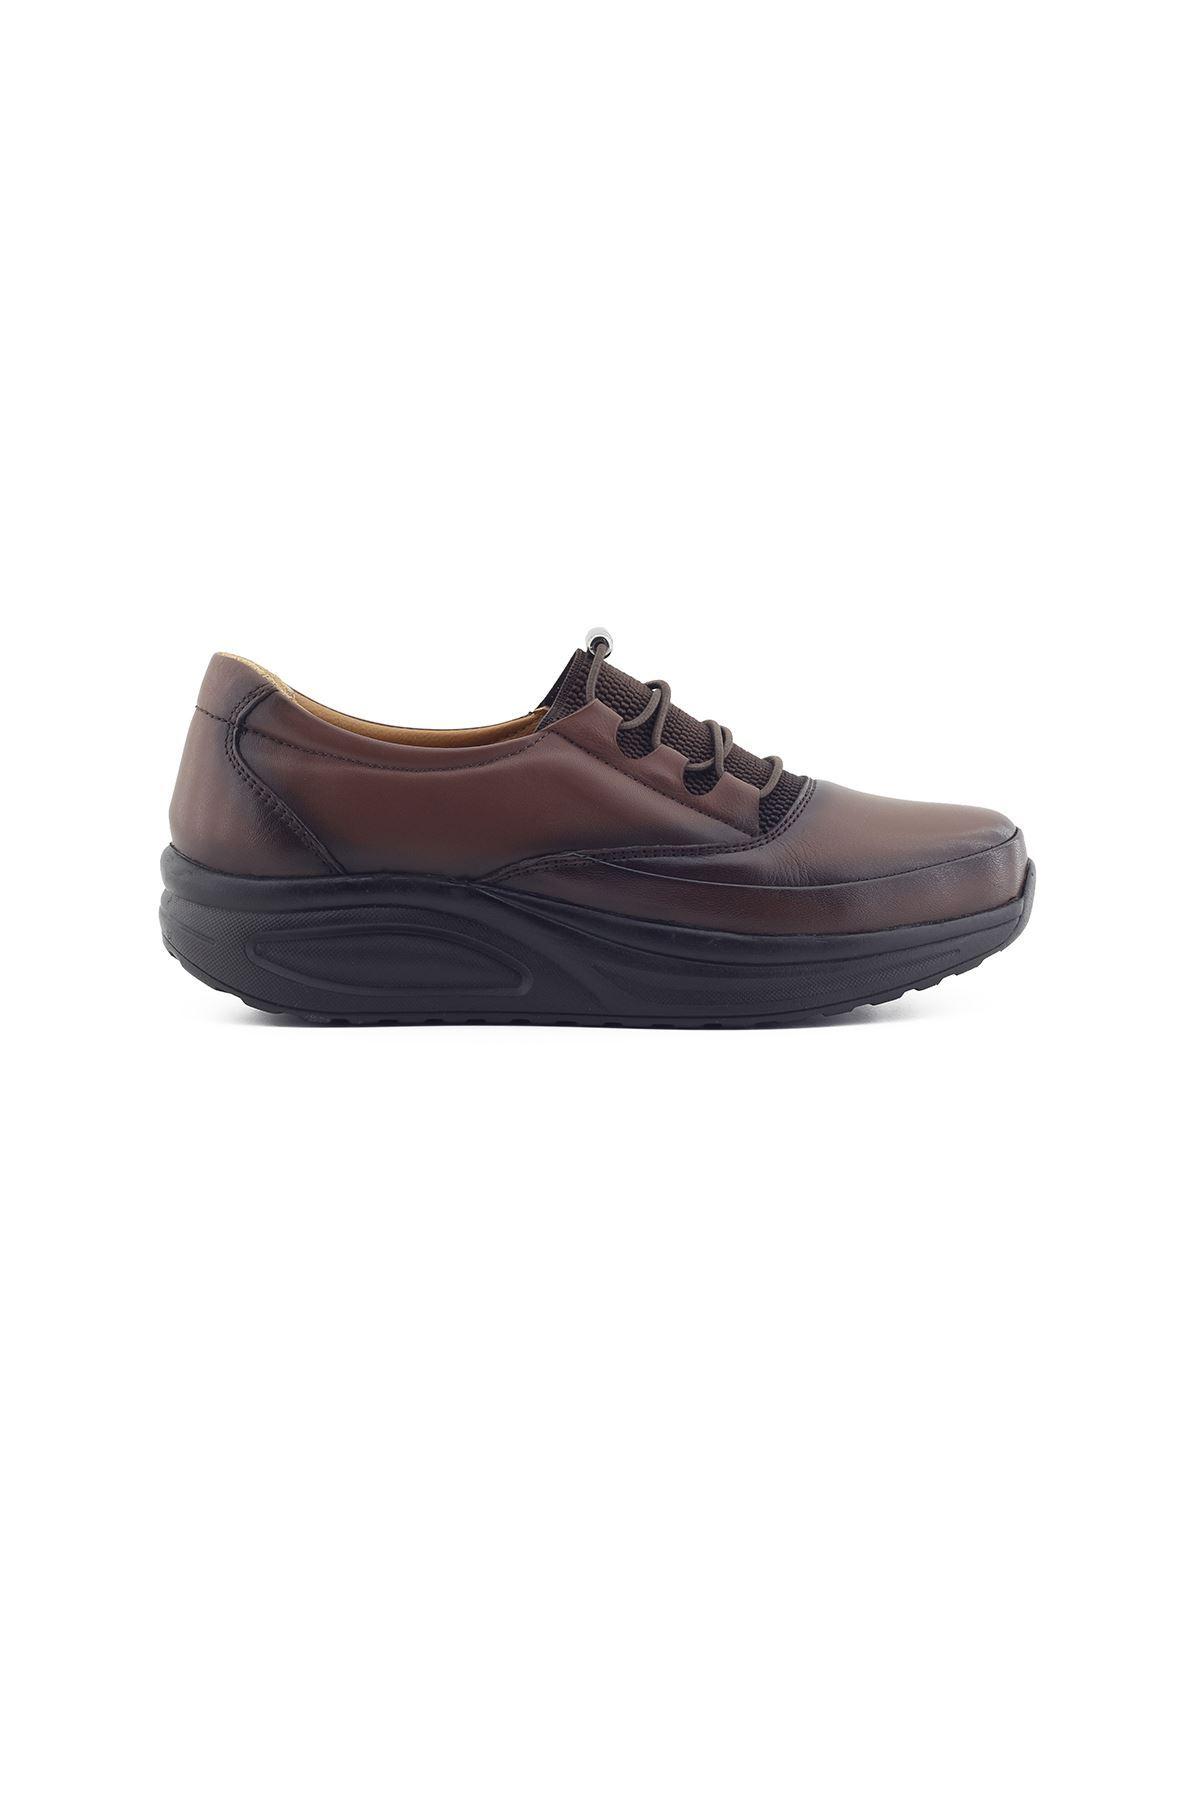 855 Kahve Kadın Yürüyüş Ayakkabısı